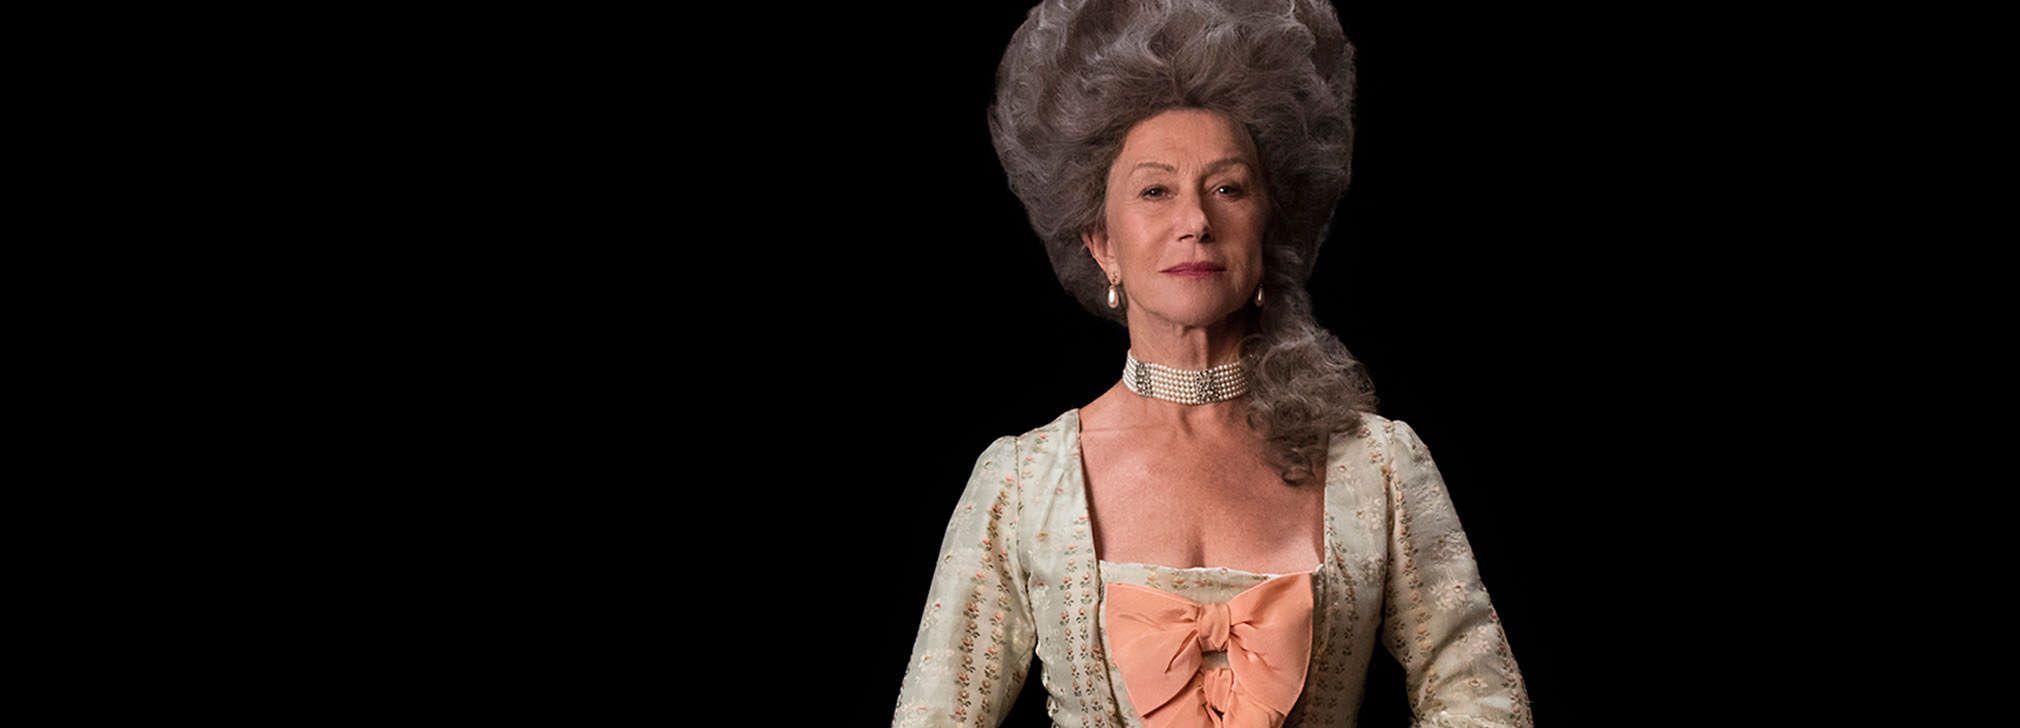 Comment Helen Mirren se prépare à jouer la reine Elizabeth